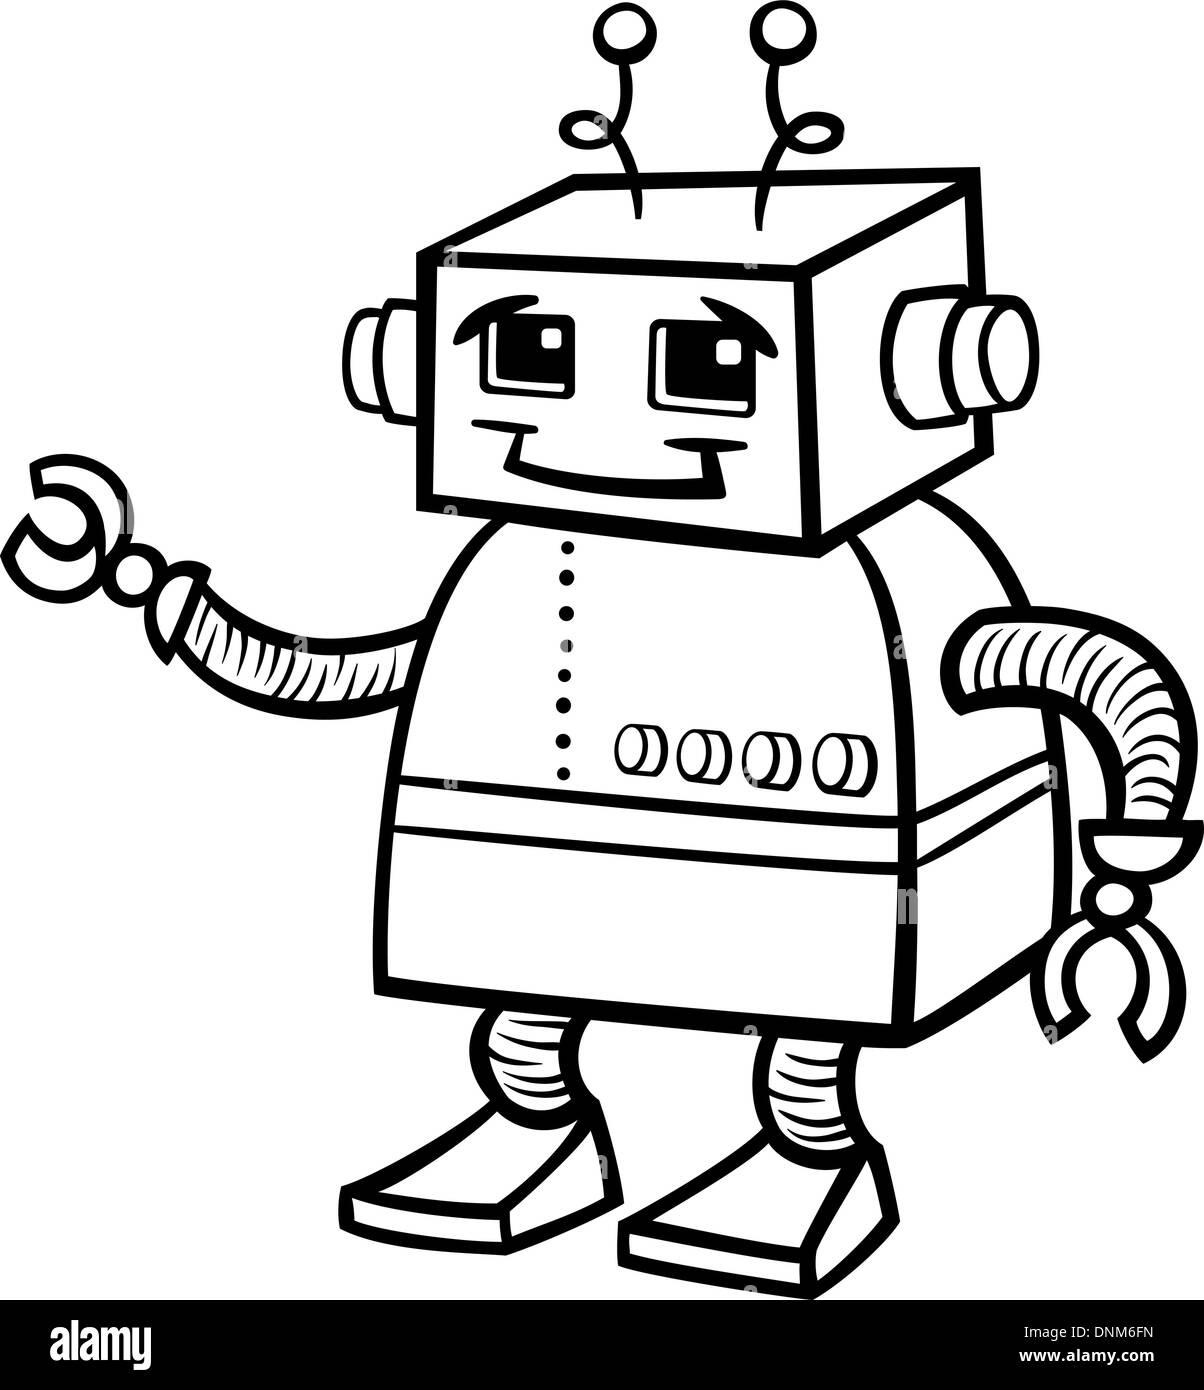 Bianco E Nero Cartoon Illustrazione Del Simpatico Robot O Droid